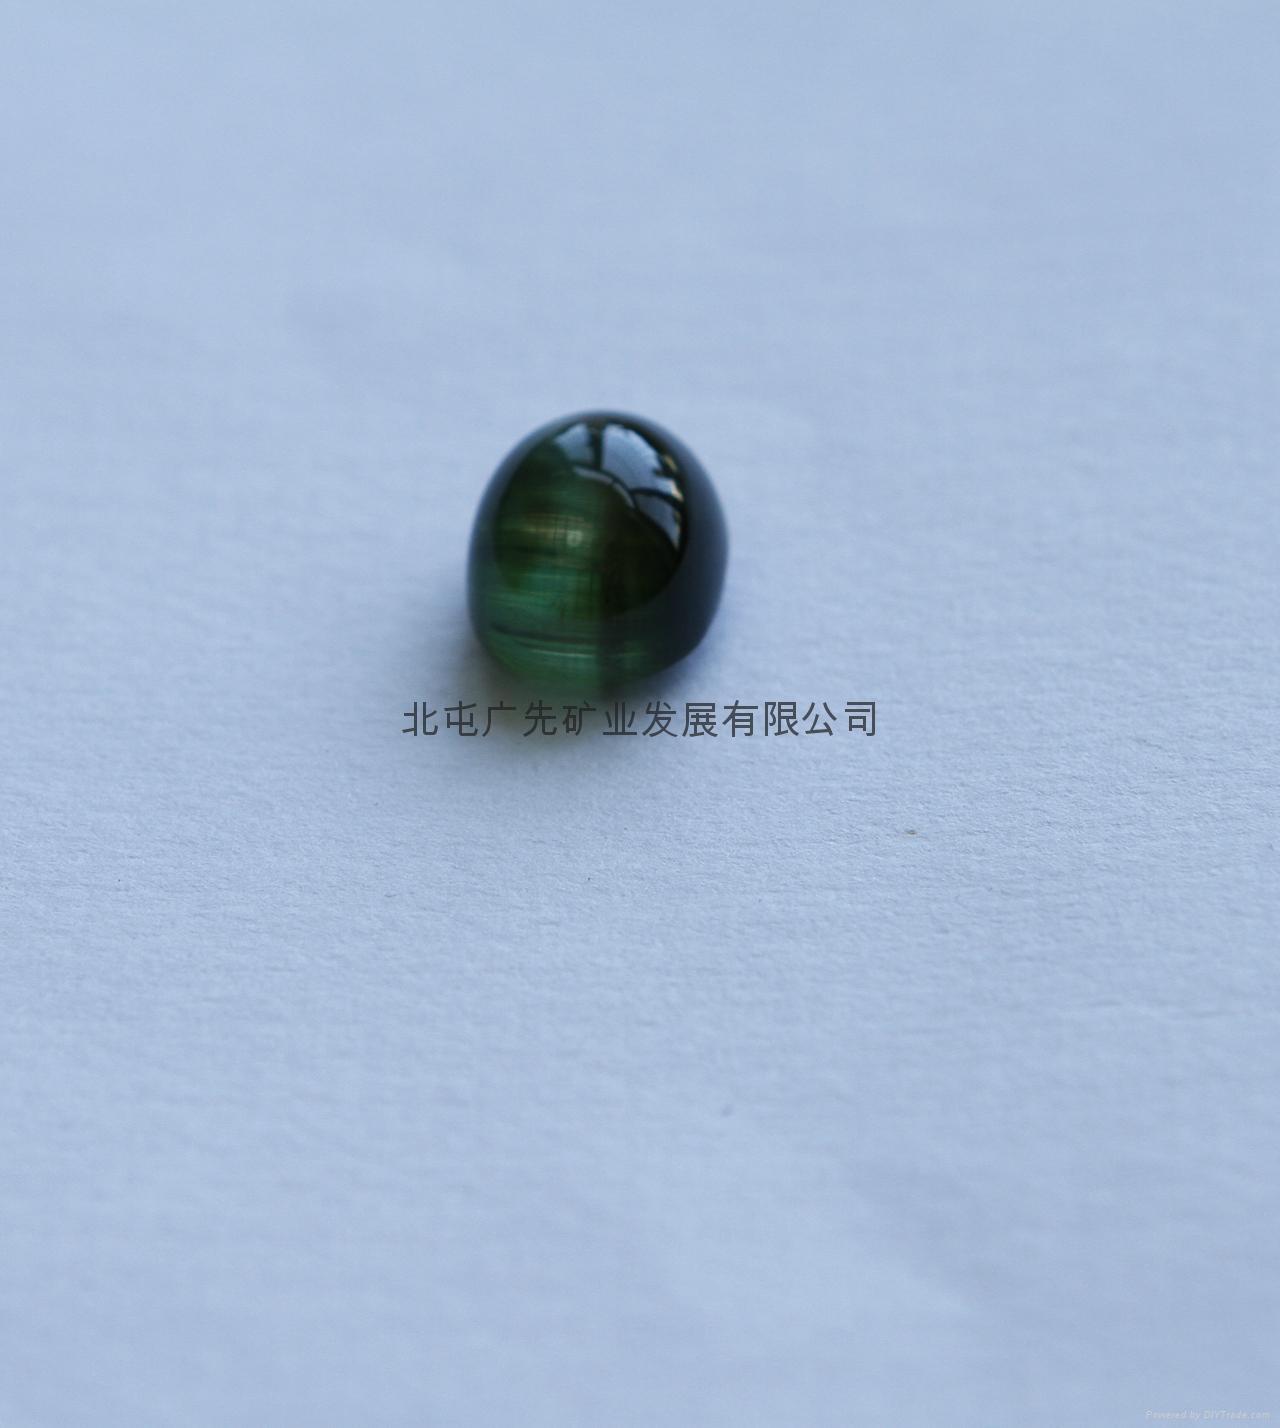 新疆阿勒泰产绿猫眼碧玺裸石(椭圆形)七夕优惠款 2